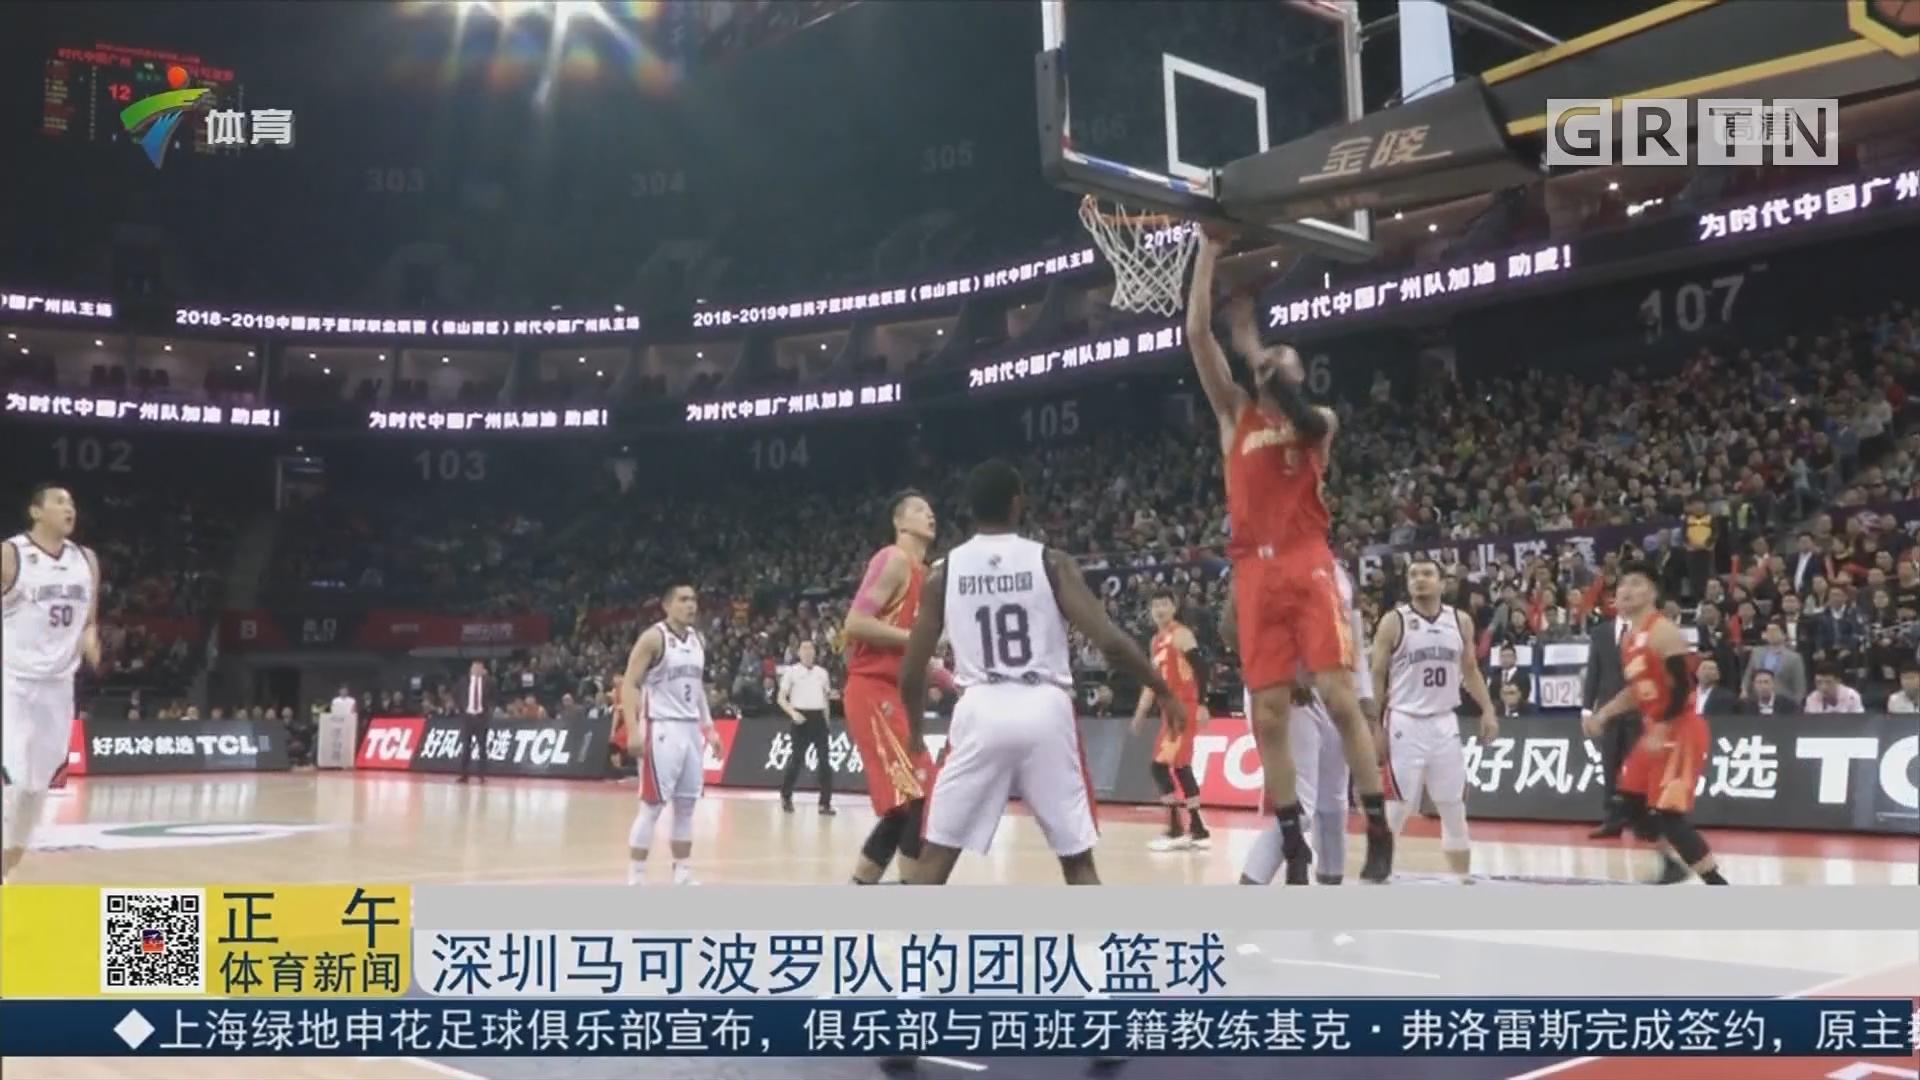 深圳马可波罗队的团队篮球